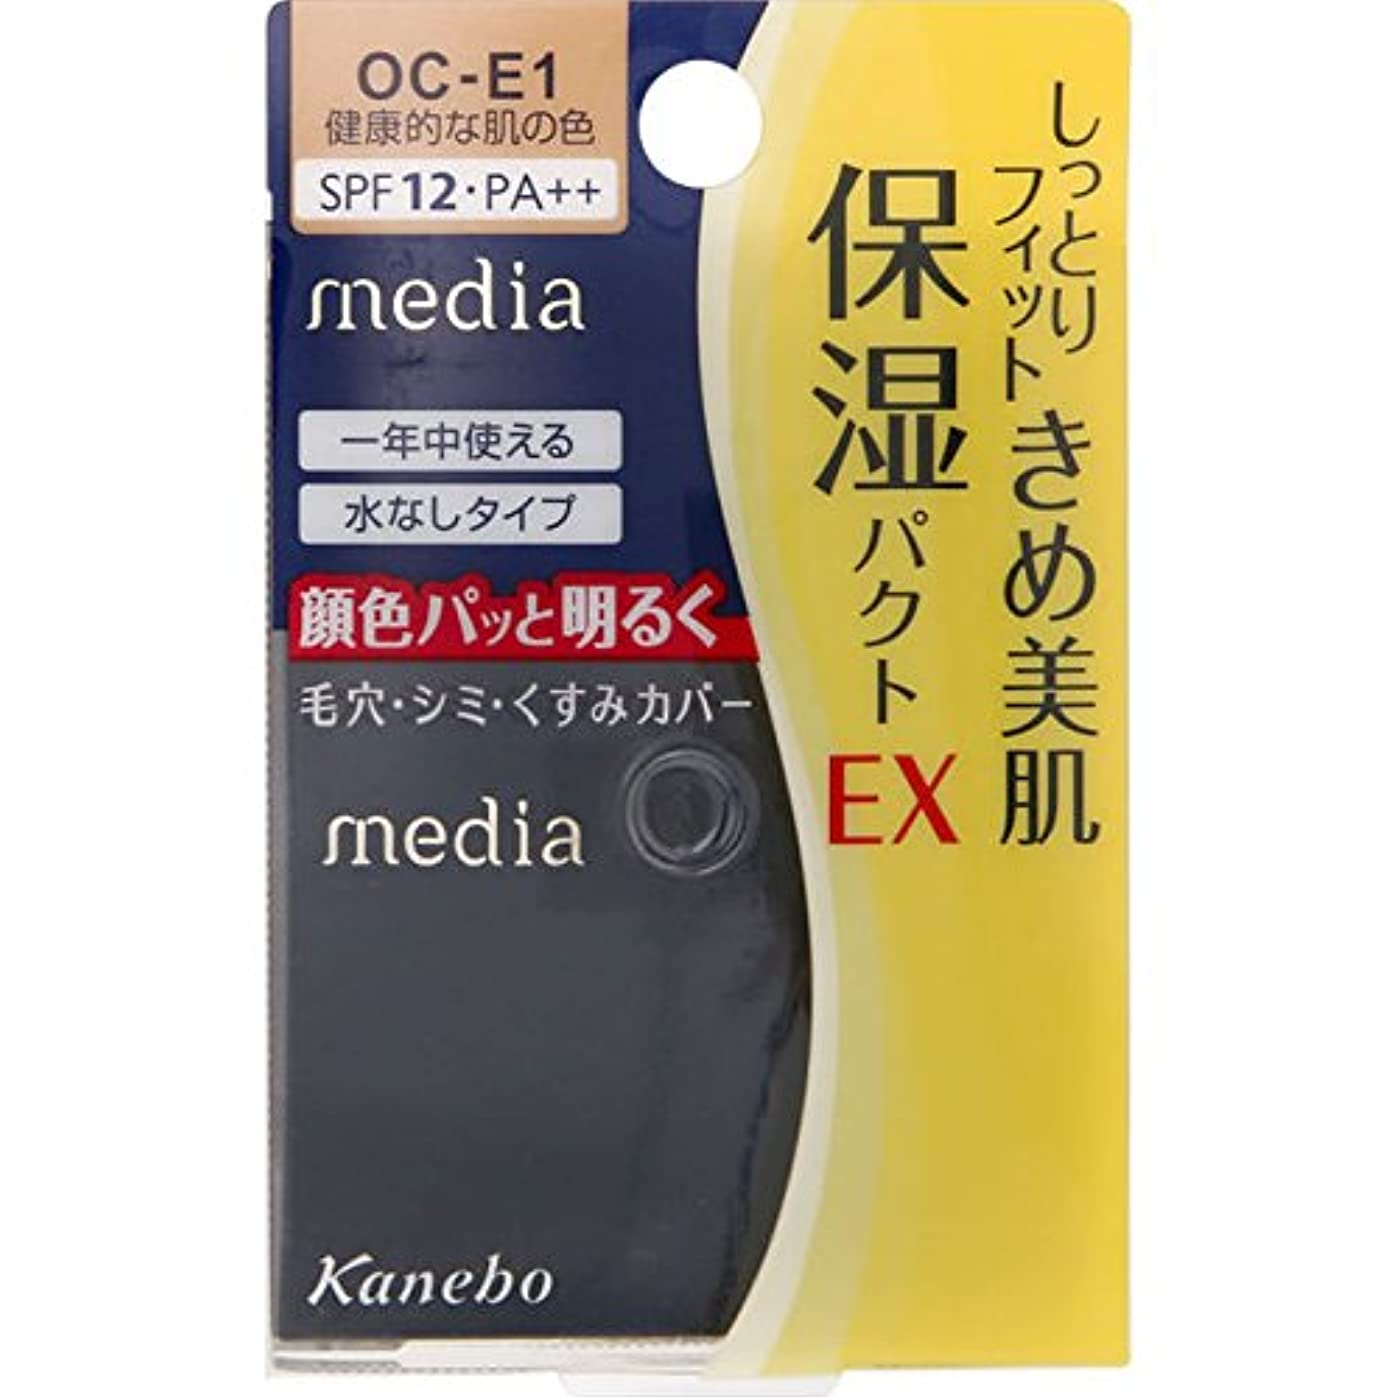 凝縮する囲い絶滅したカネボウ メディア モイストフィットパクトEX OC-E1(11g)